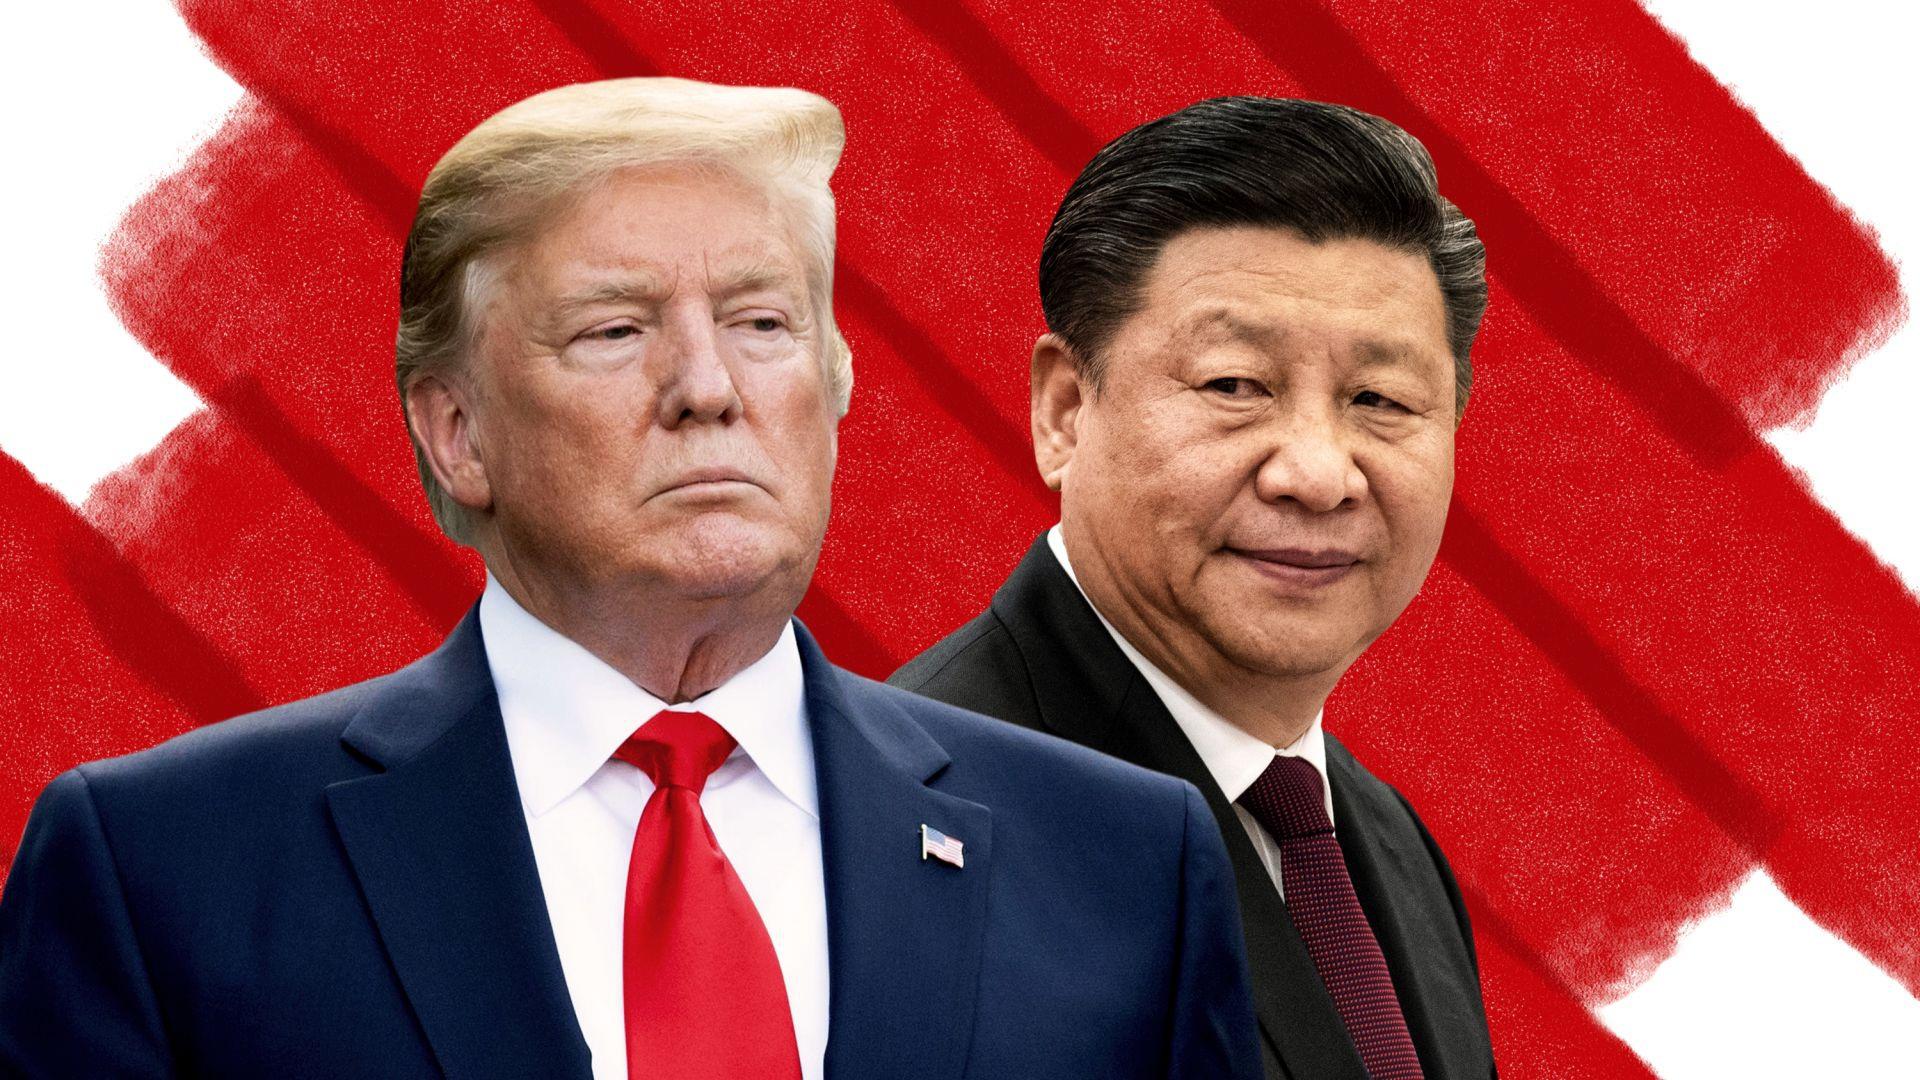 Căng thẳng leo thang, đầu tư giữa Trung Quốc và Mỹ xuống thấp nhất 9 năm